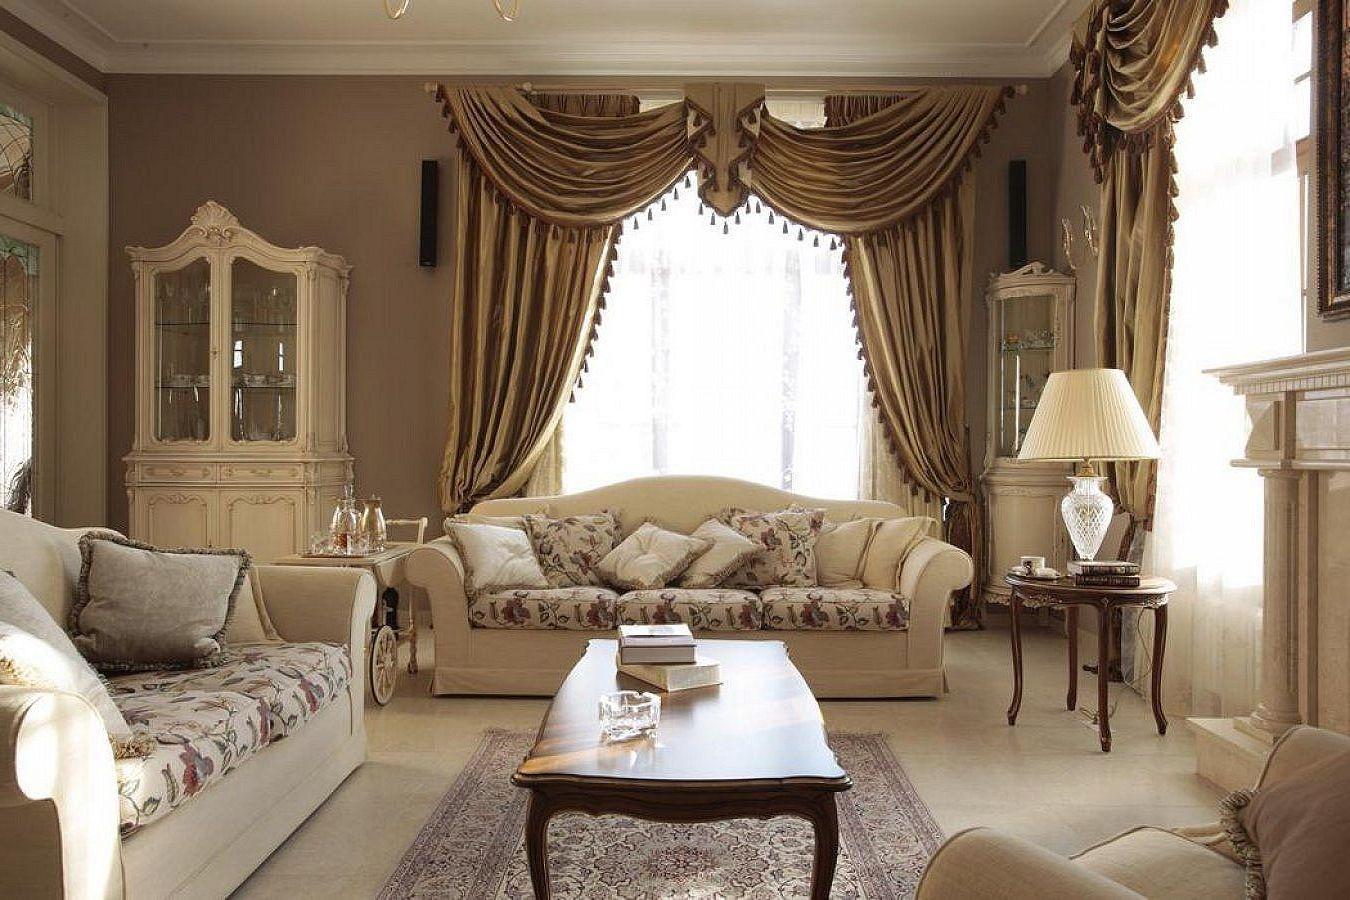 приближался концу, шторы для гостиной в классическом стиле фото них вышел